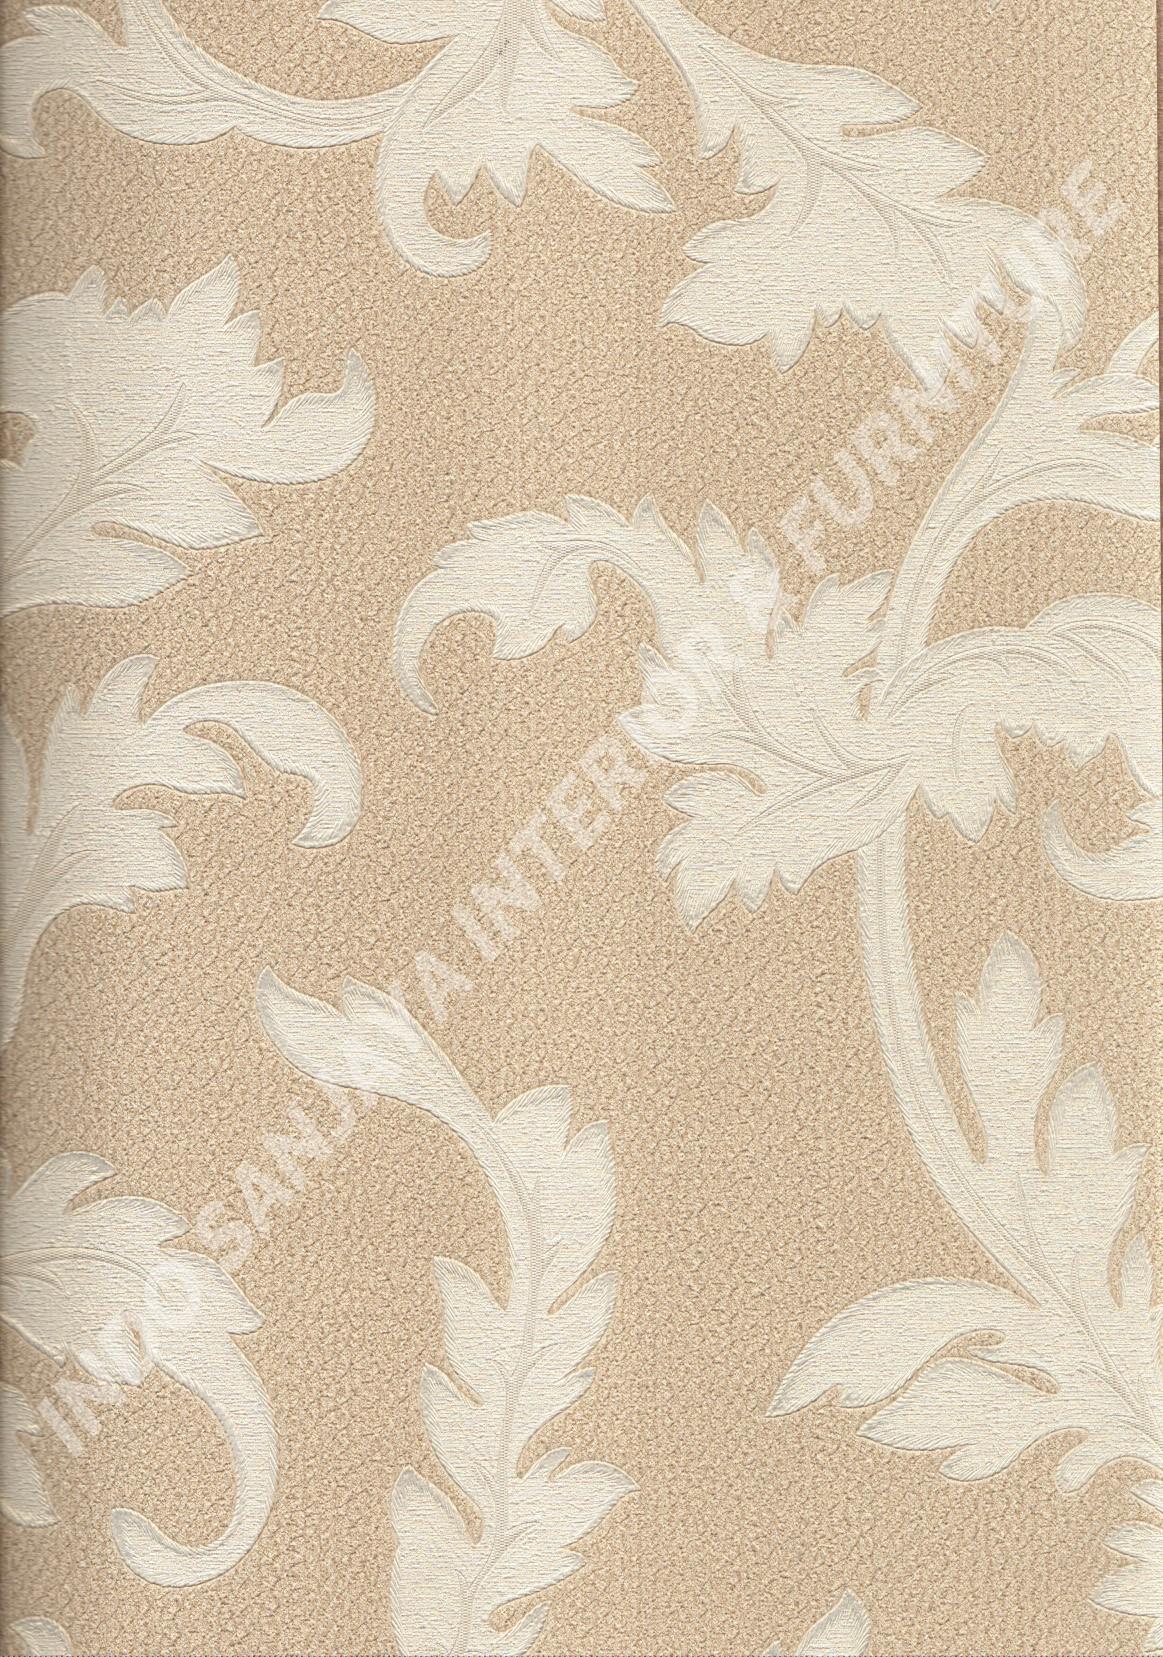 wallpaper   Wallpaper Bunga 5014-4:5014-4 corak  warna